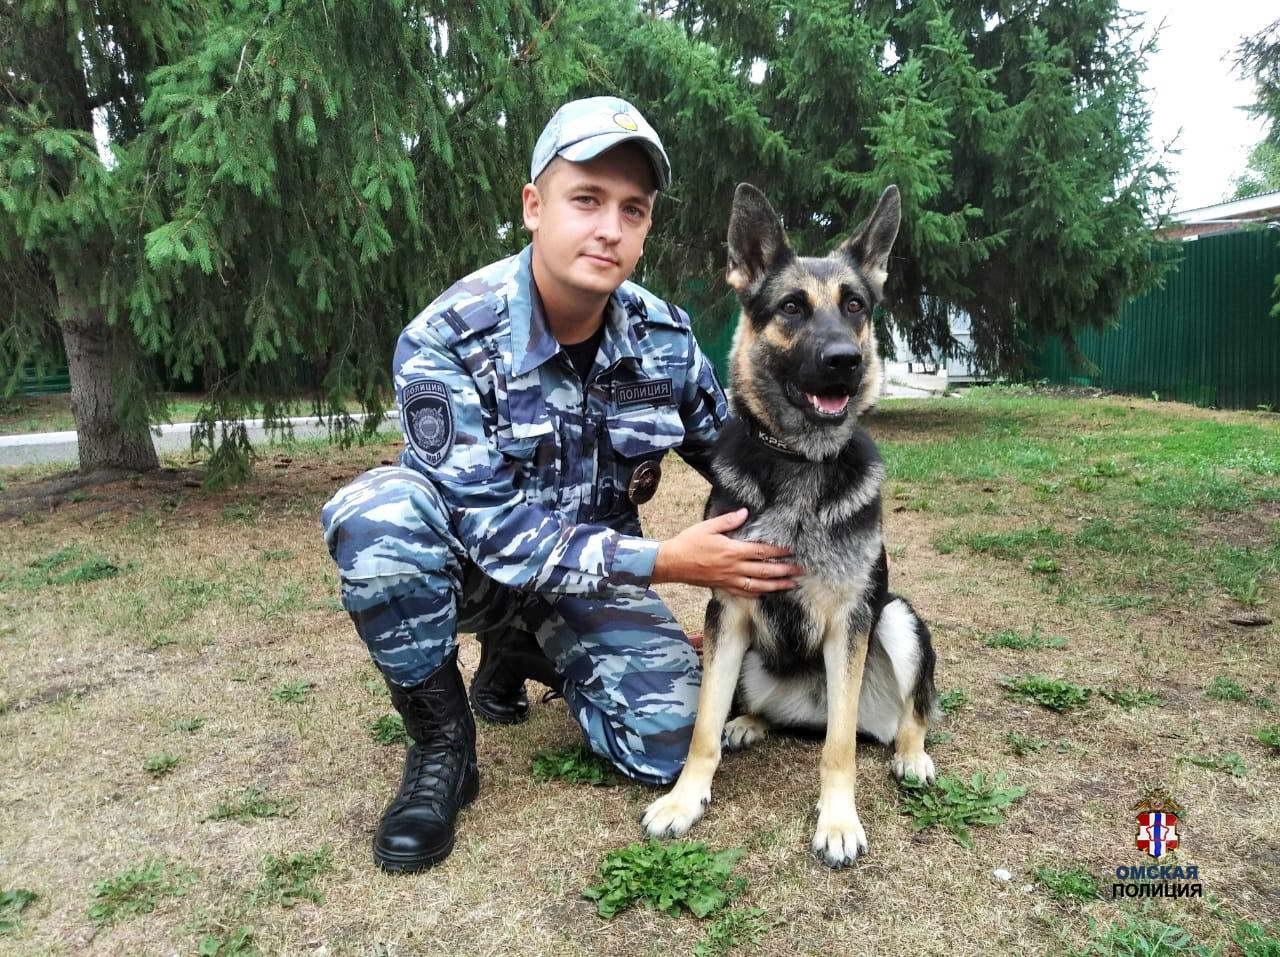 В Омске полицейская овчарка, едва закончив обучение, раскрыла первое преступление #Омск #Общество #Сегодня